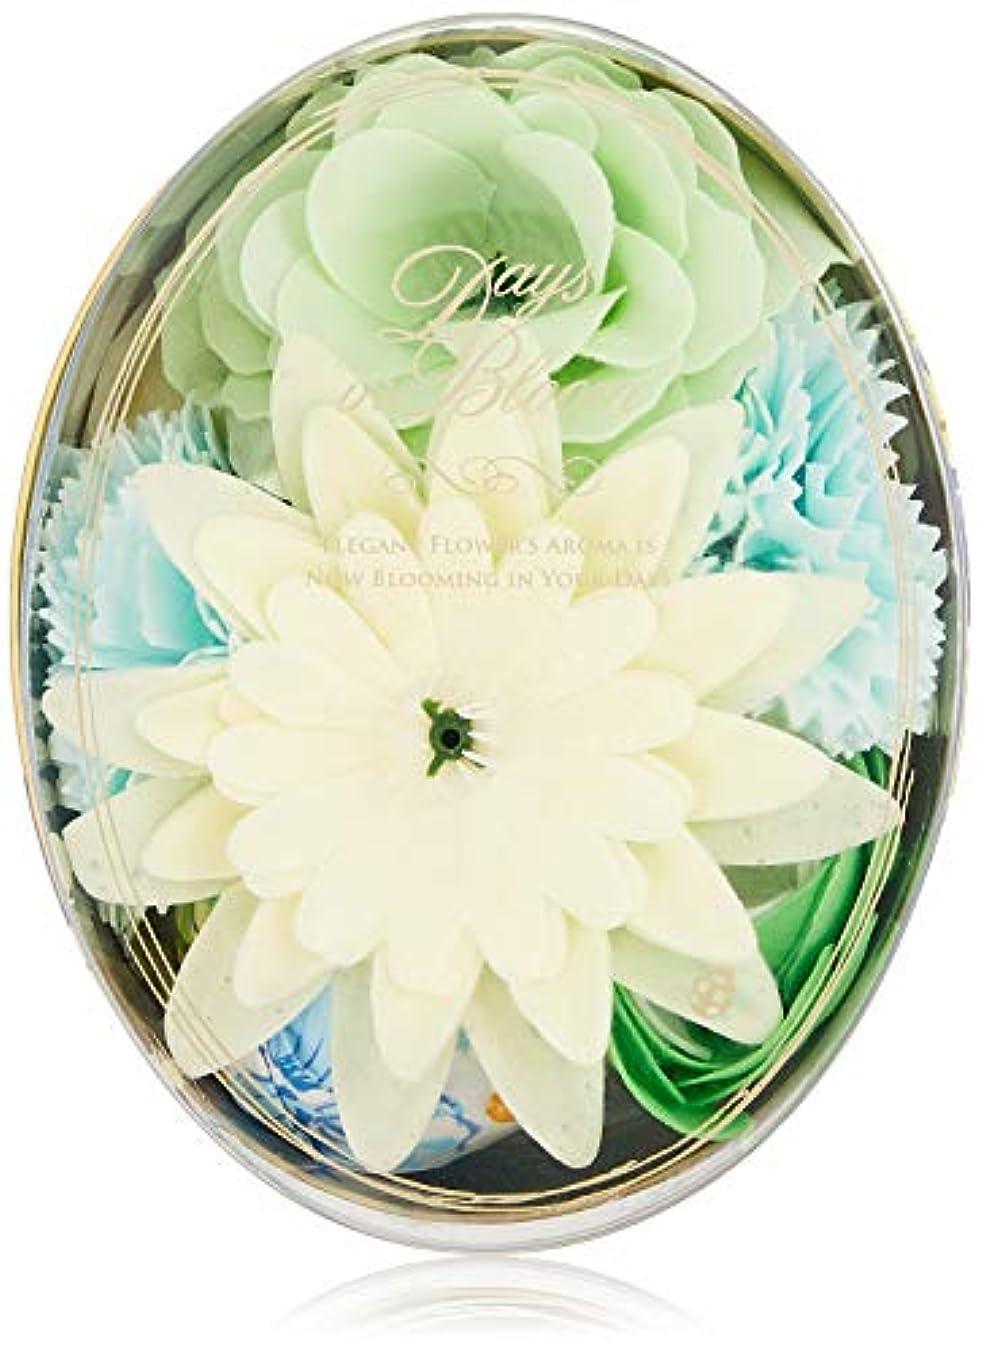 人気のスチュワーデスブラインドデイズインブルーム バスセットオーバル ガーデニア (入浴料 お花の形のバスギフト)